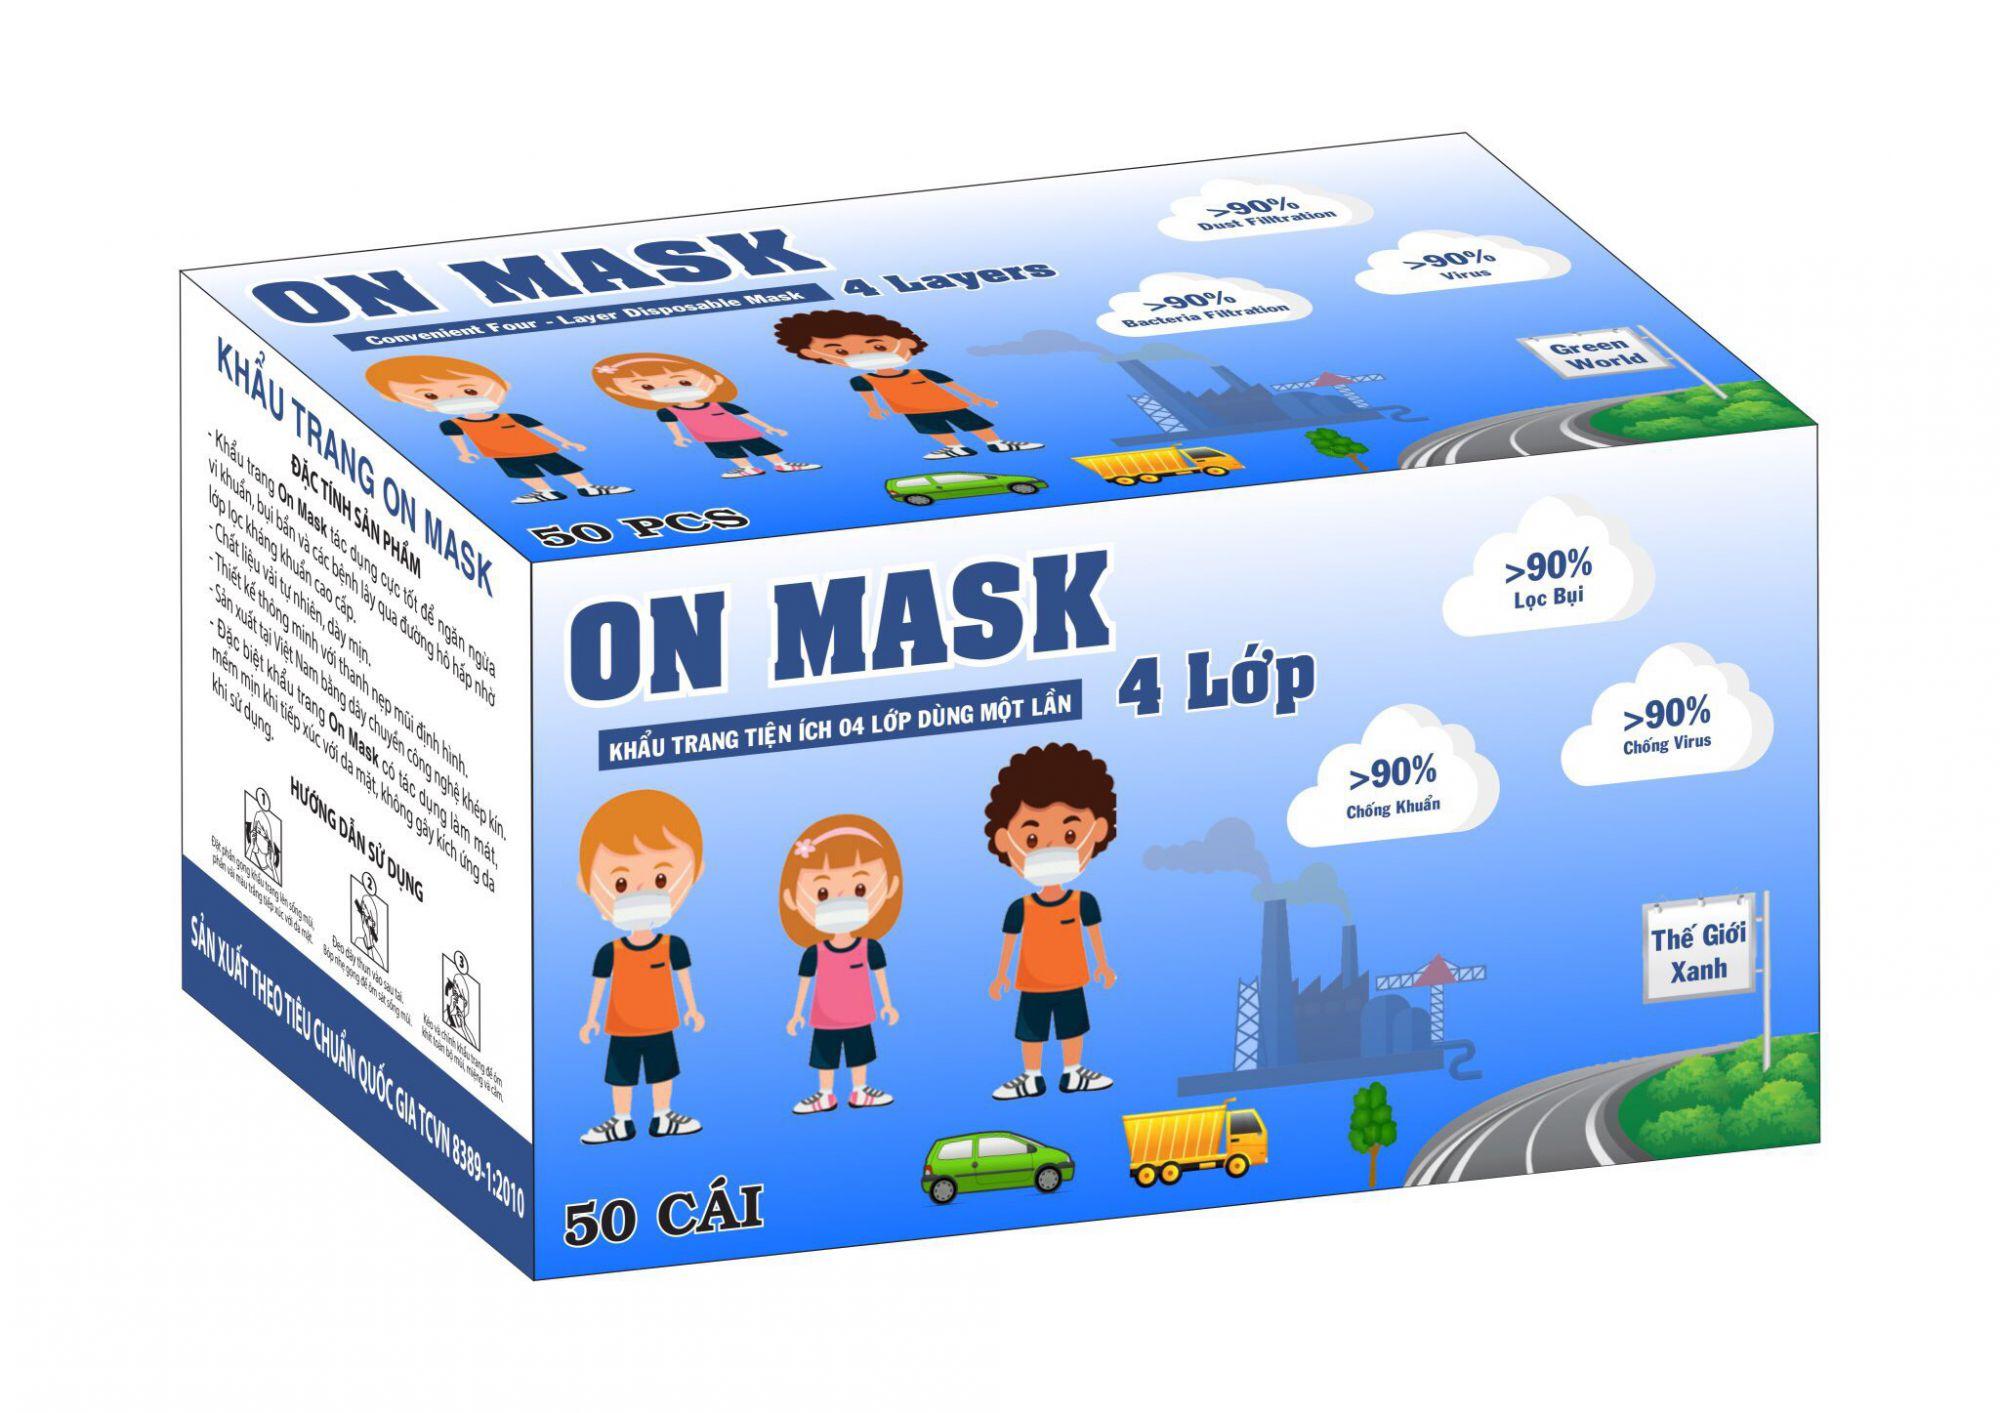 Khẩu Trang On Mask 4 Lớp Màu Xanh